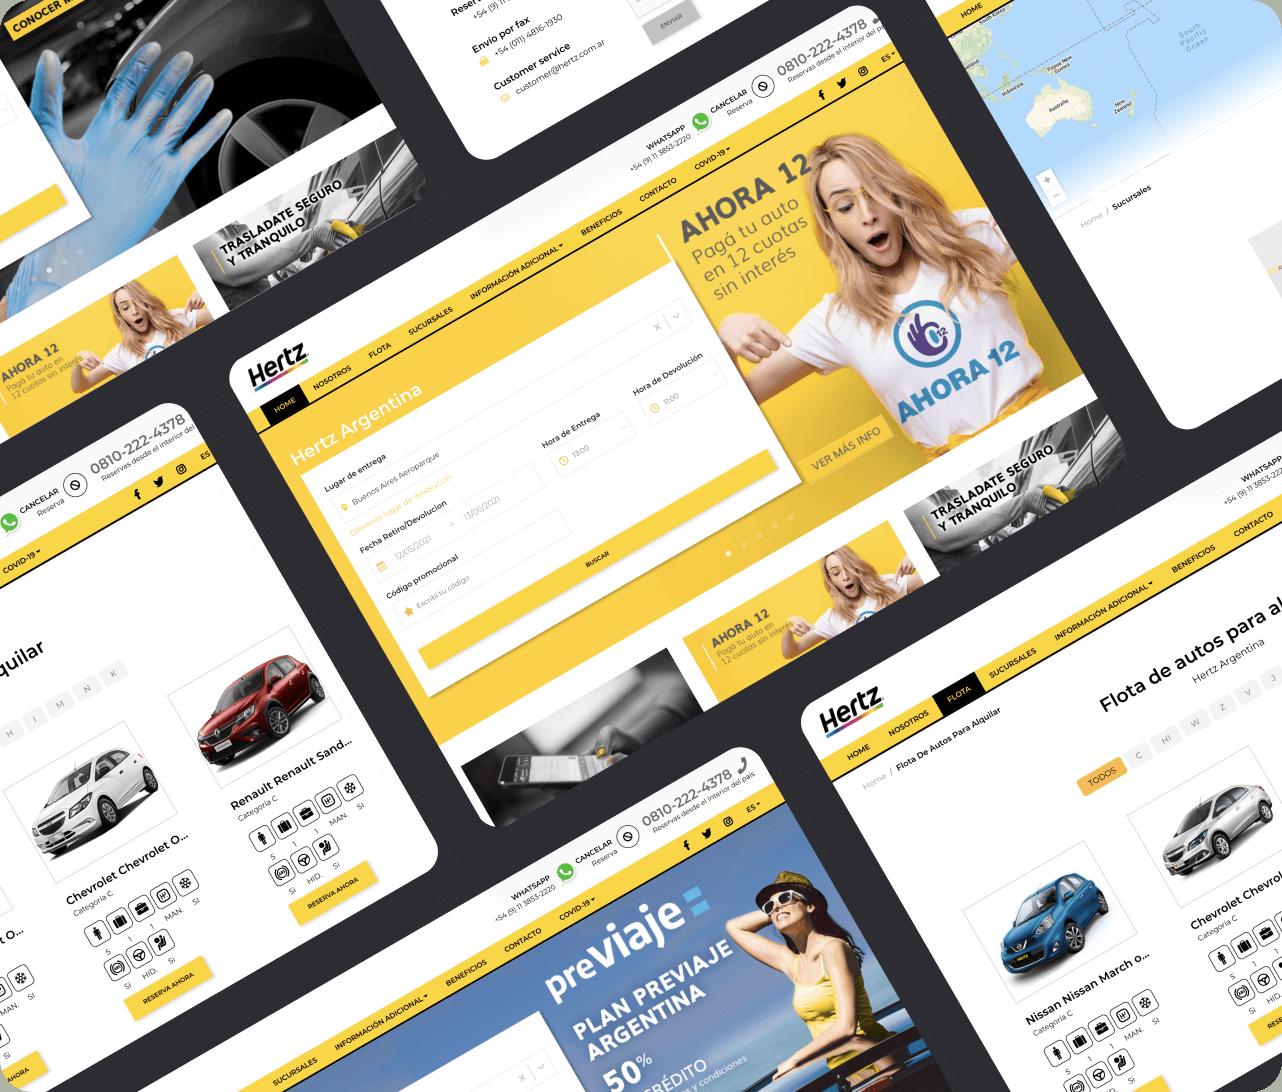 Si aún no posee un sitio web o desea dar el siguiente paso para hacer crecer su negocio en línea, consulte nuestras soluciones para sitios de alquiler: